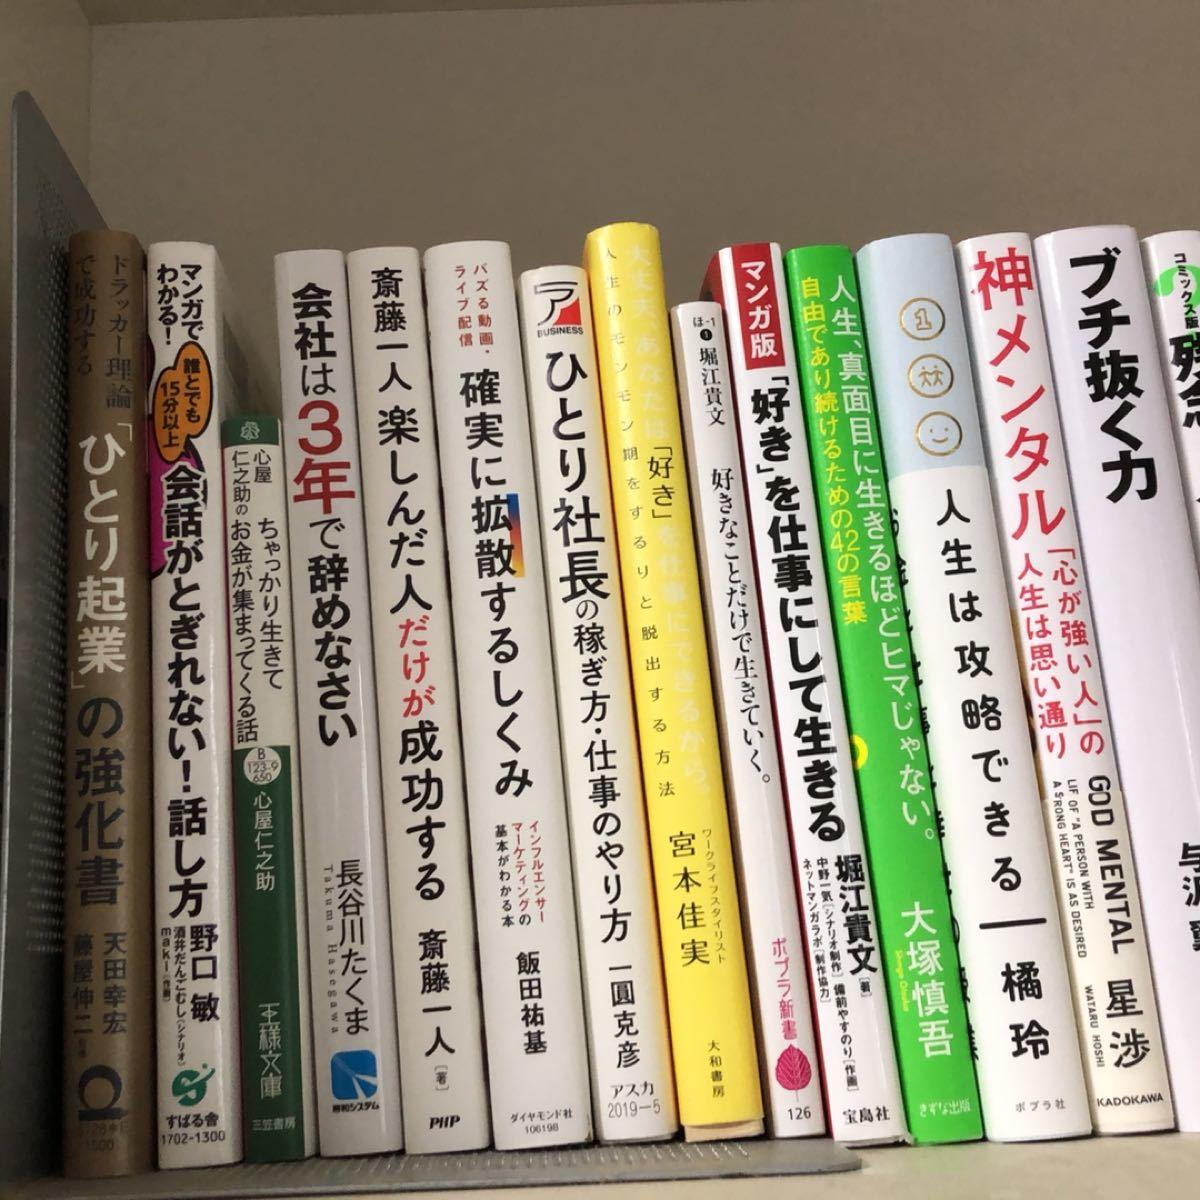 【選べる3冊セット】ビジネス、自己啓発書籍